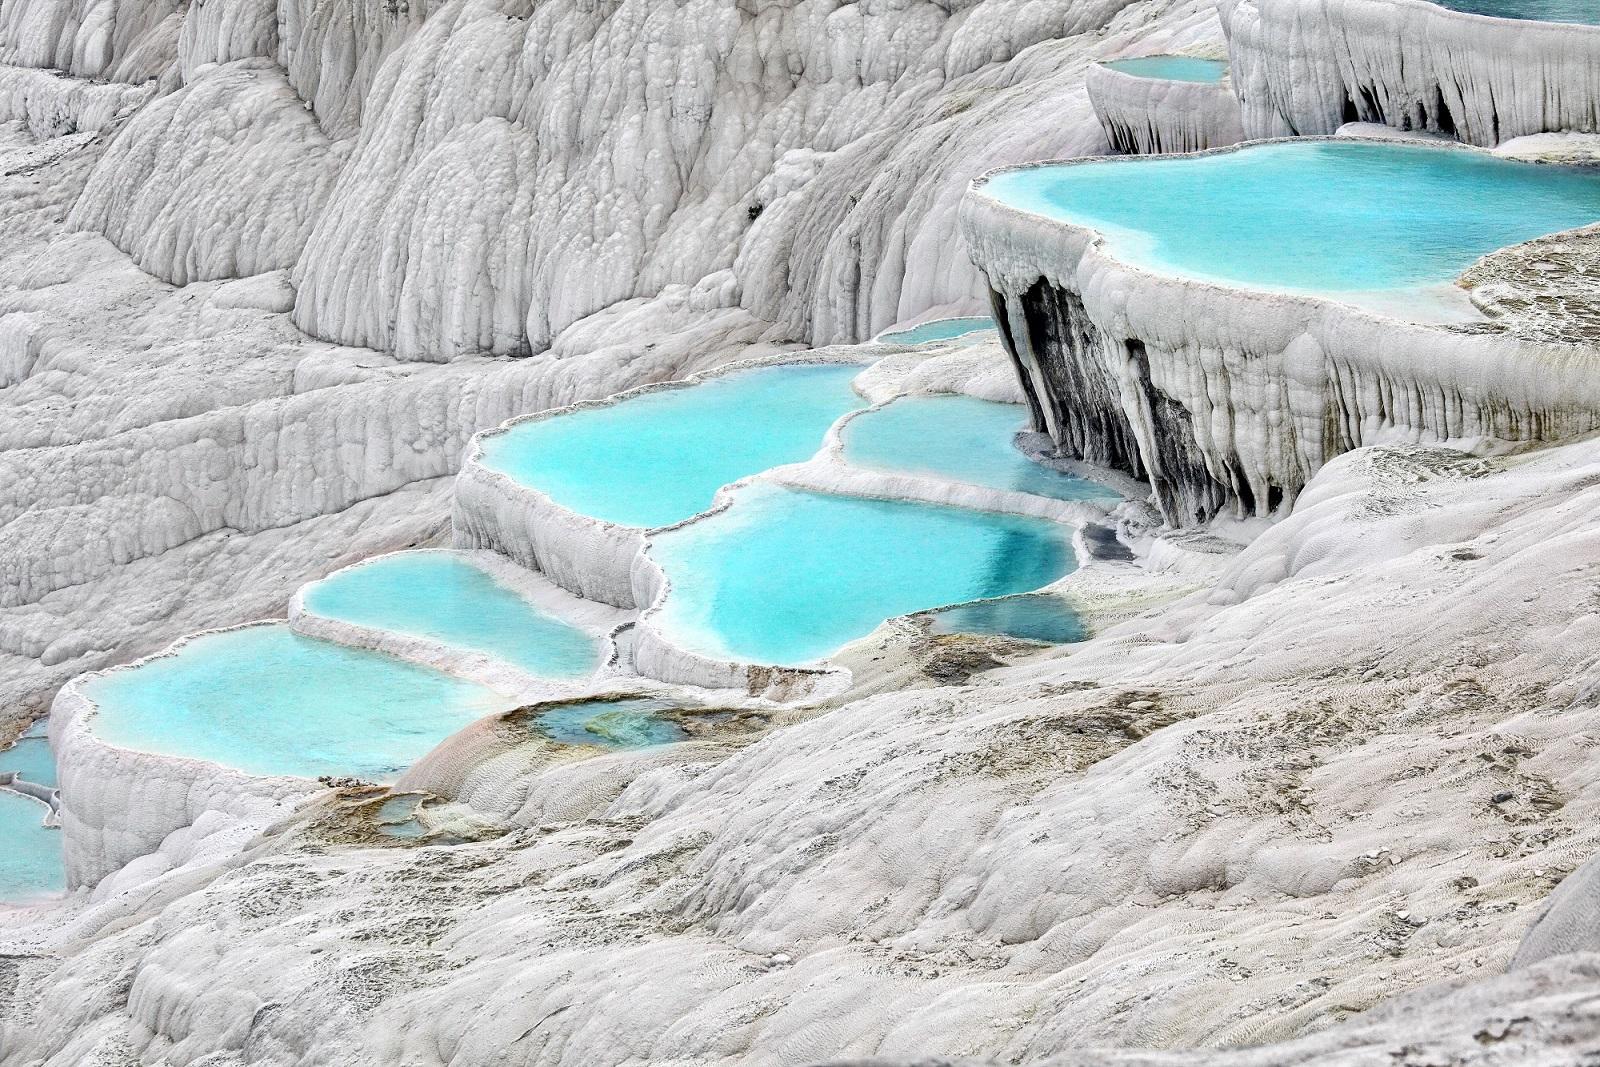 las piscinas naturales más increíbles del mundo Pamukkale, Turquía